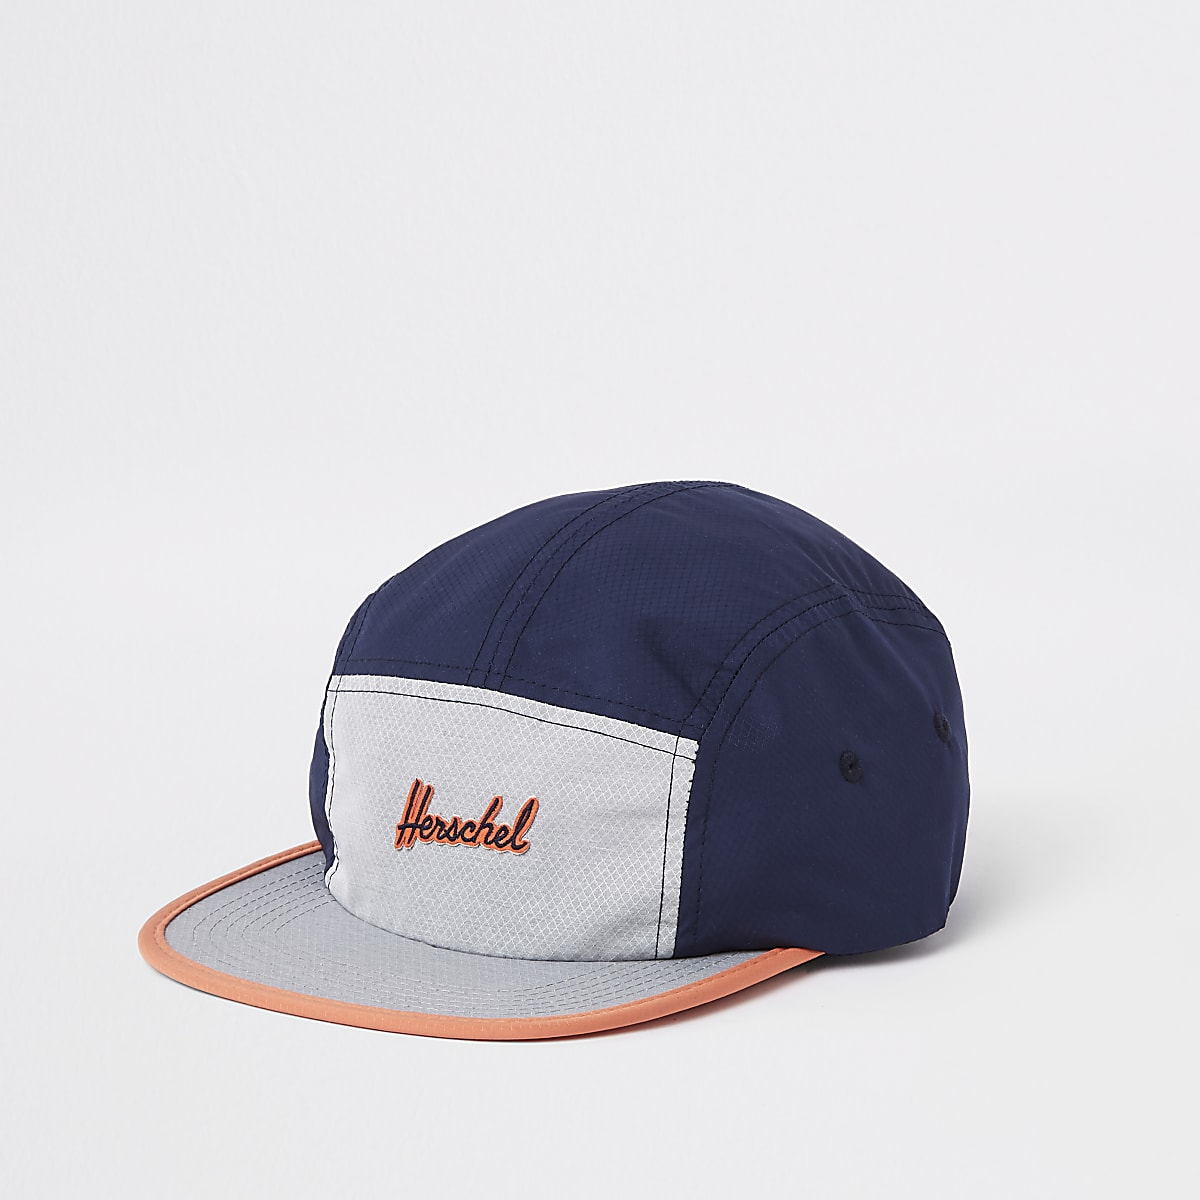 Herschel navy Glendale cap